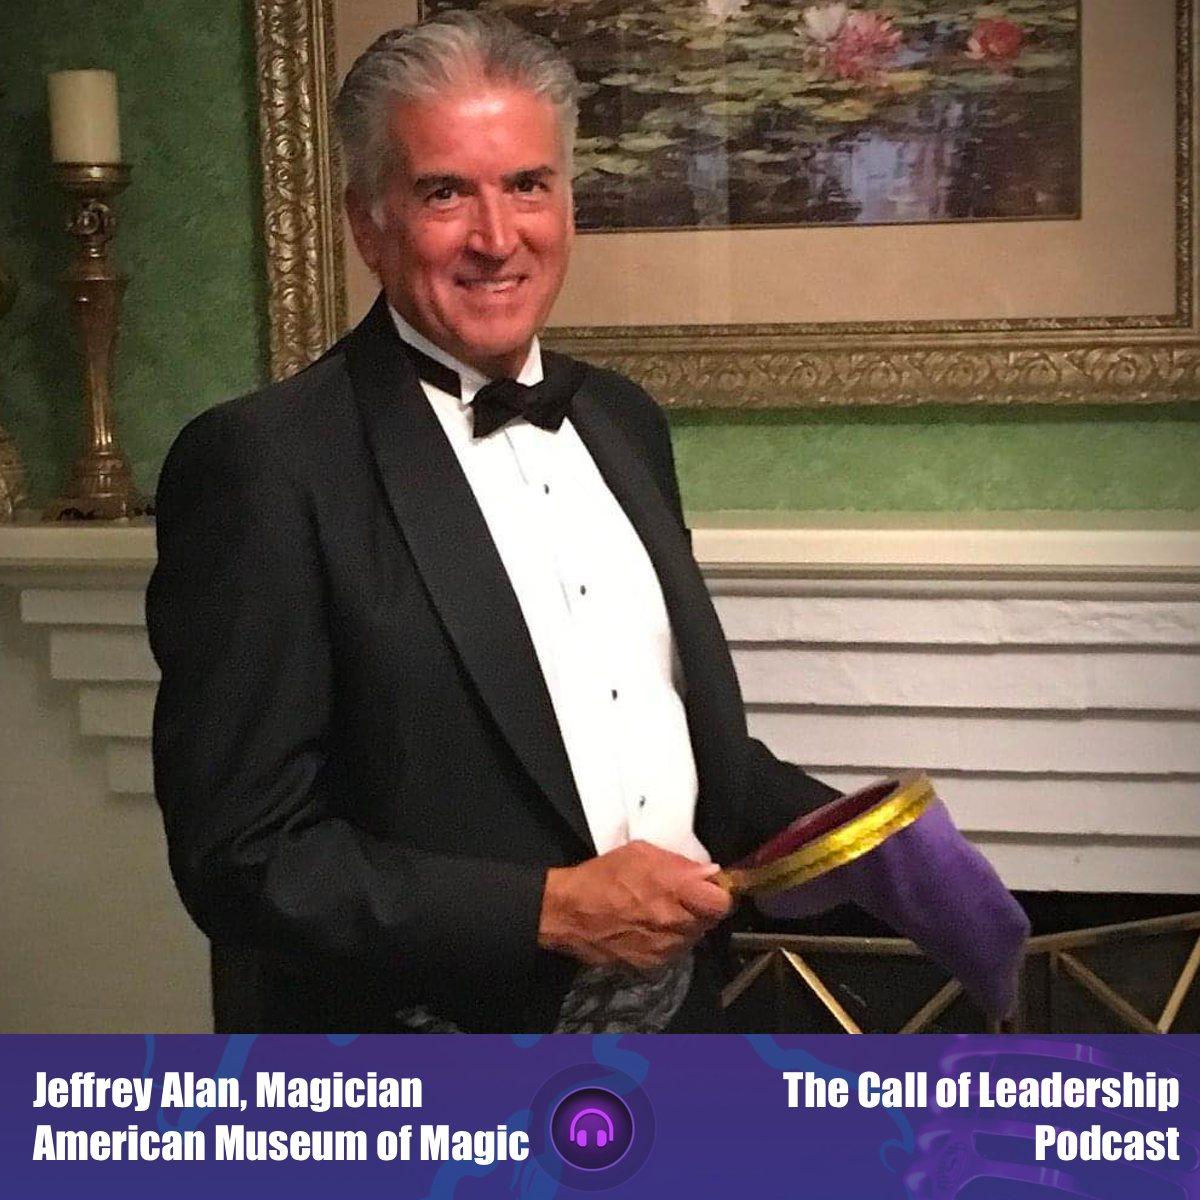 American Museum of Magic - Jeffrey Alan